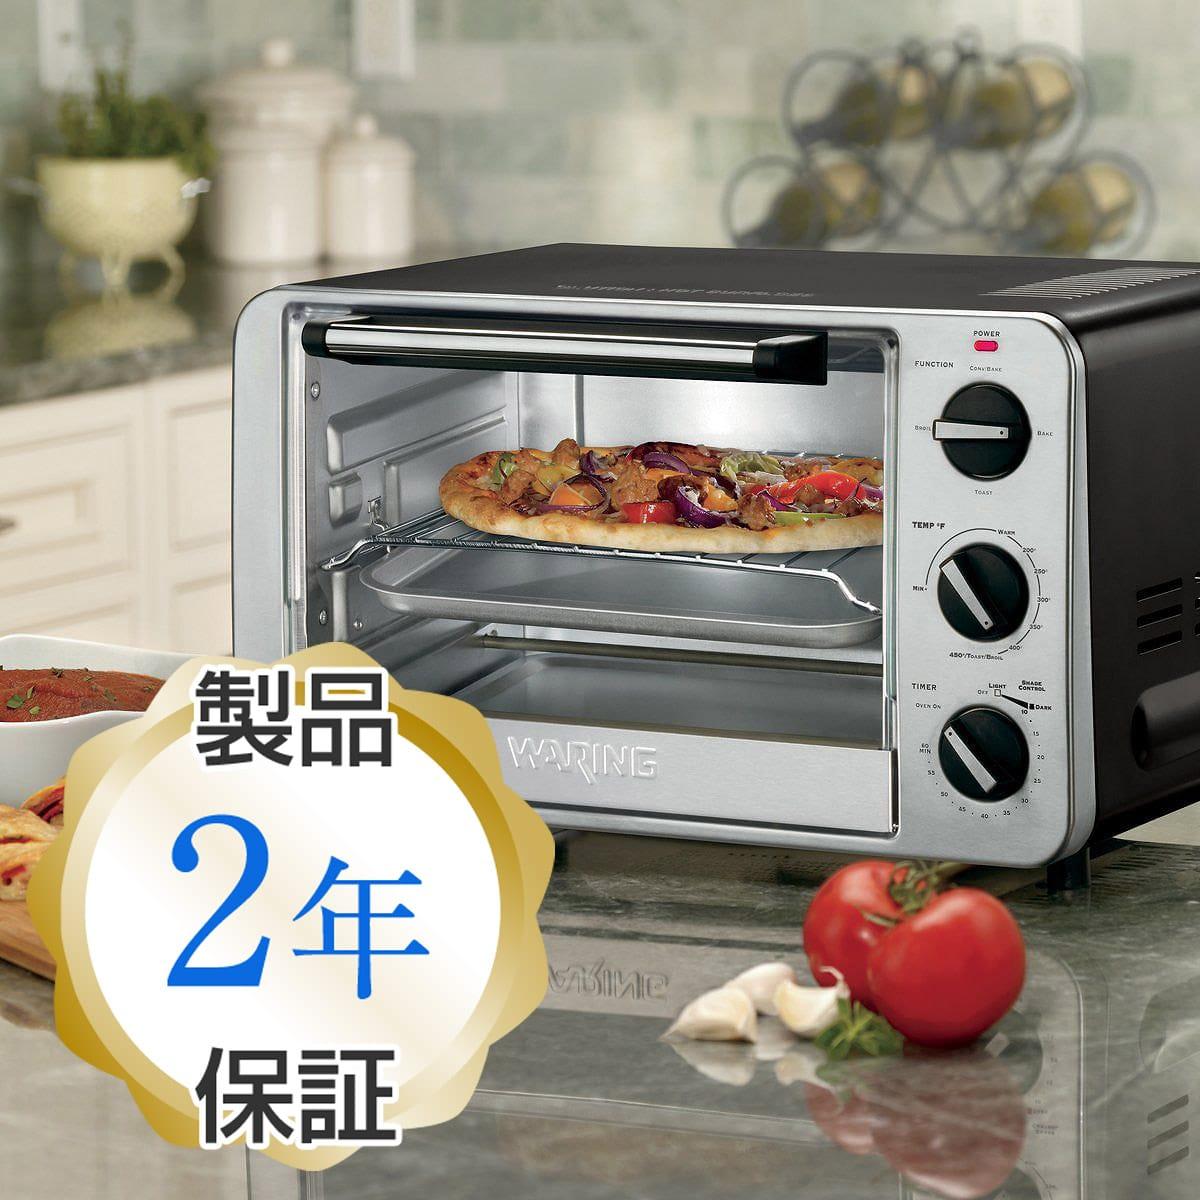 ワーリング コンべクショントースターオーブン Waring Pro TCO600 Professional Convection Toaster Oven 家電